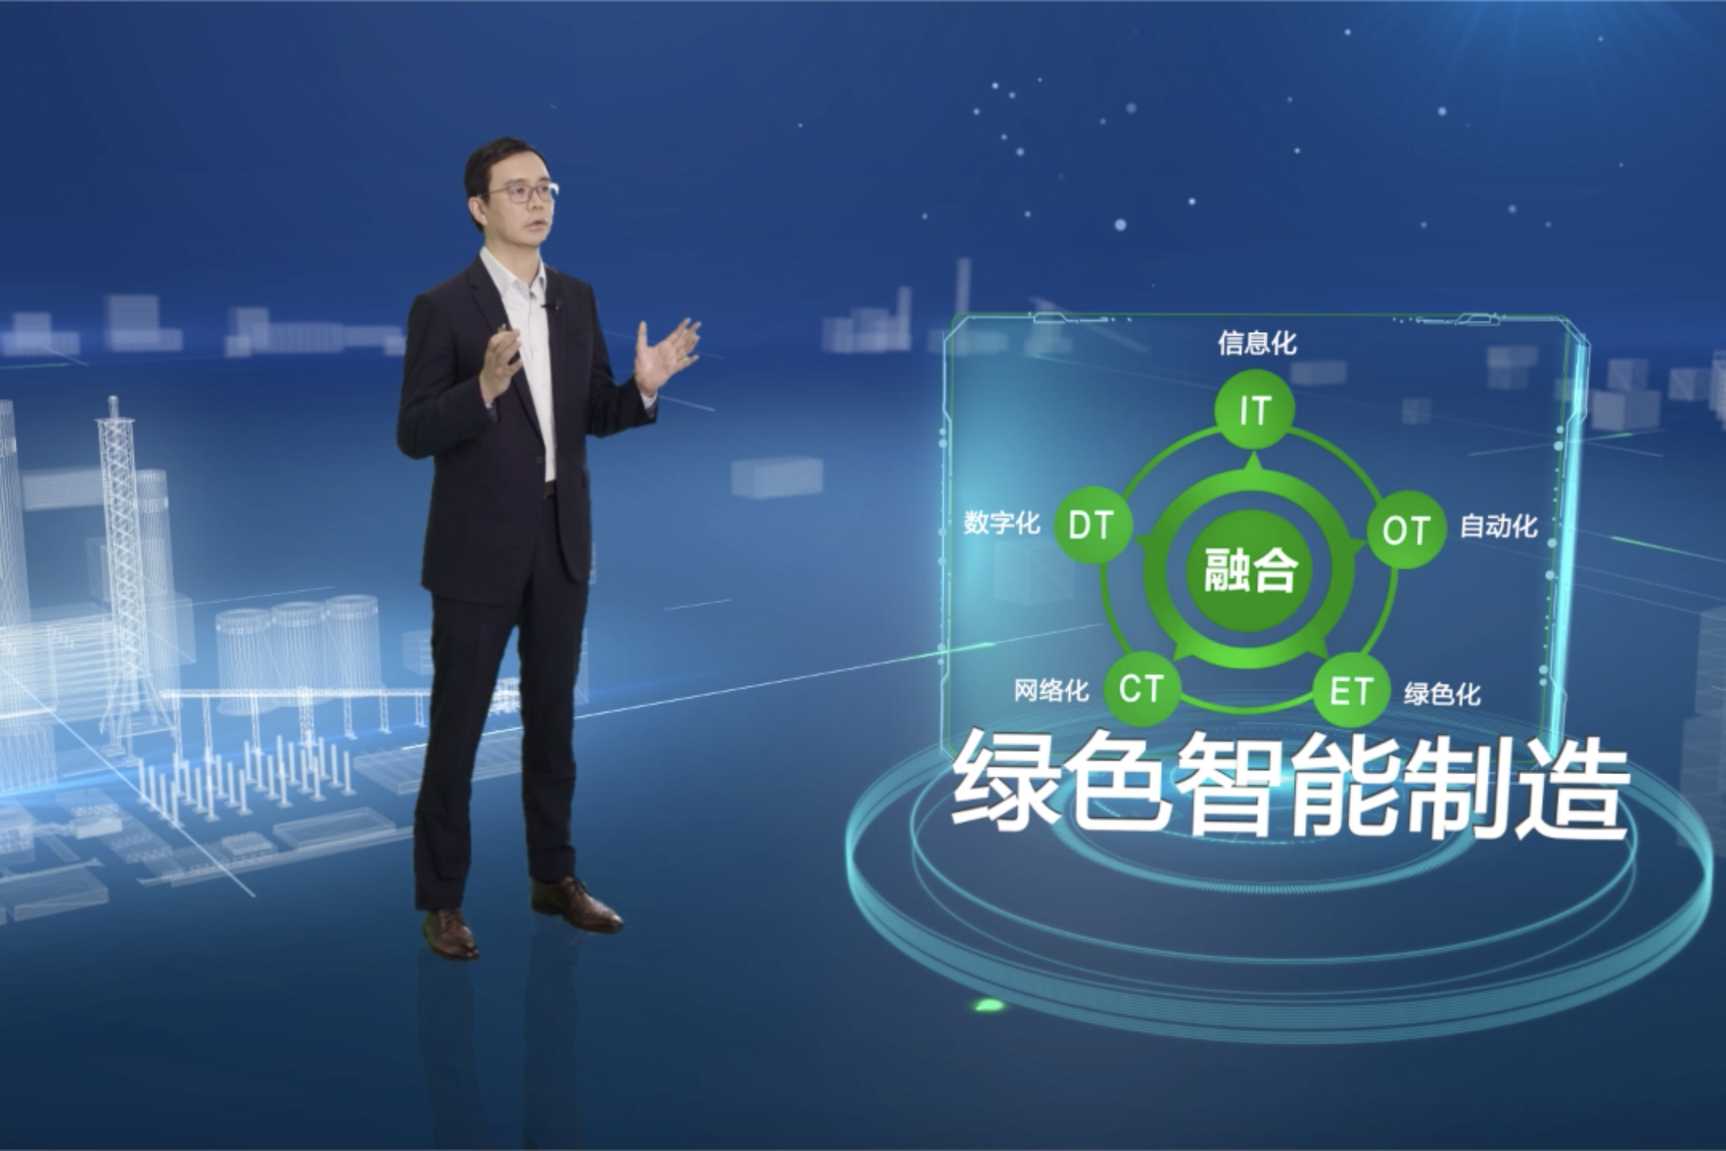 """以绿色智能制造""""五种技术""""提升工业的韧性、效率与可持续发展"""